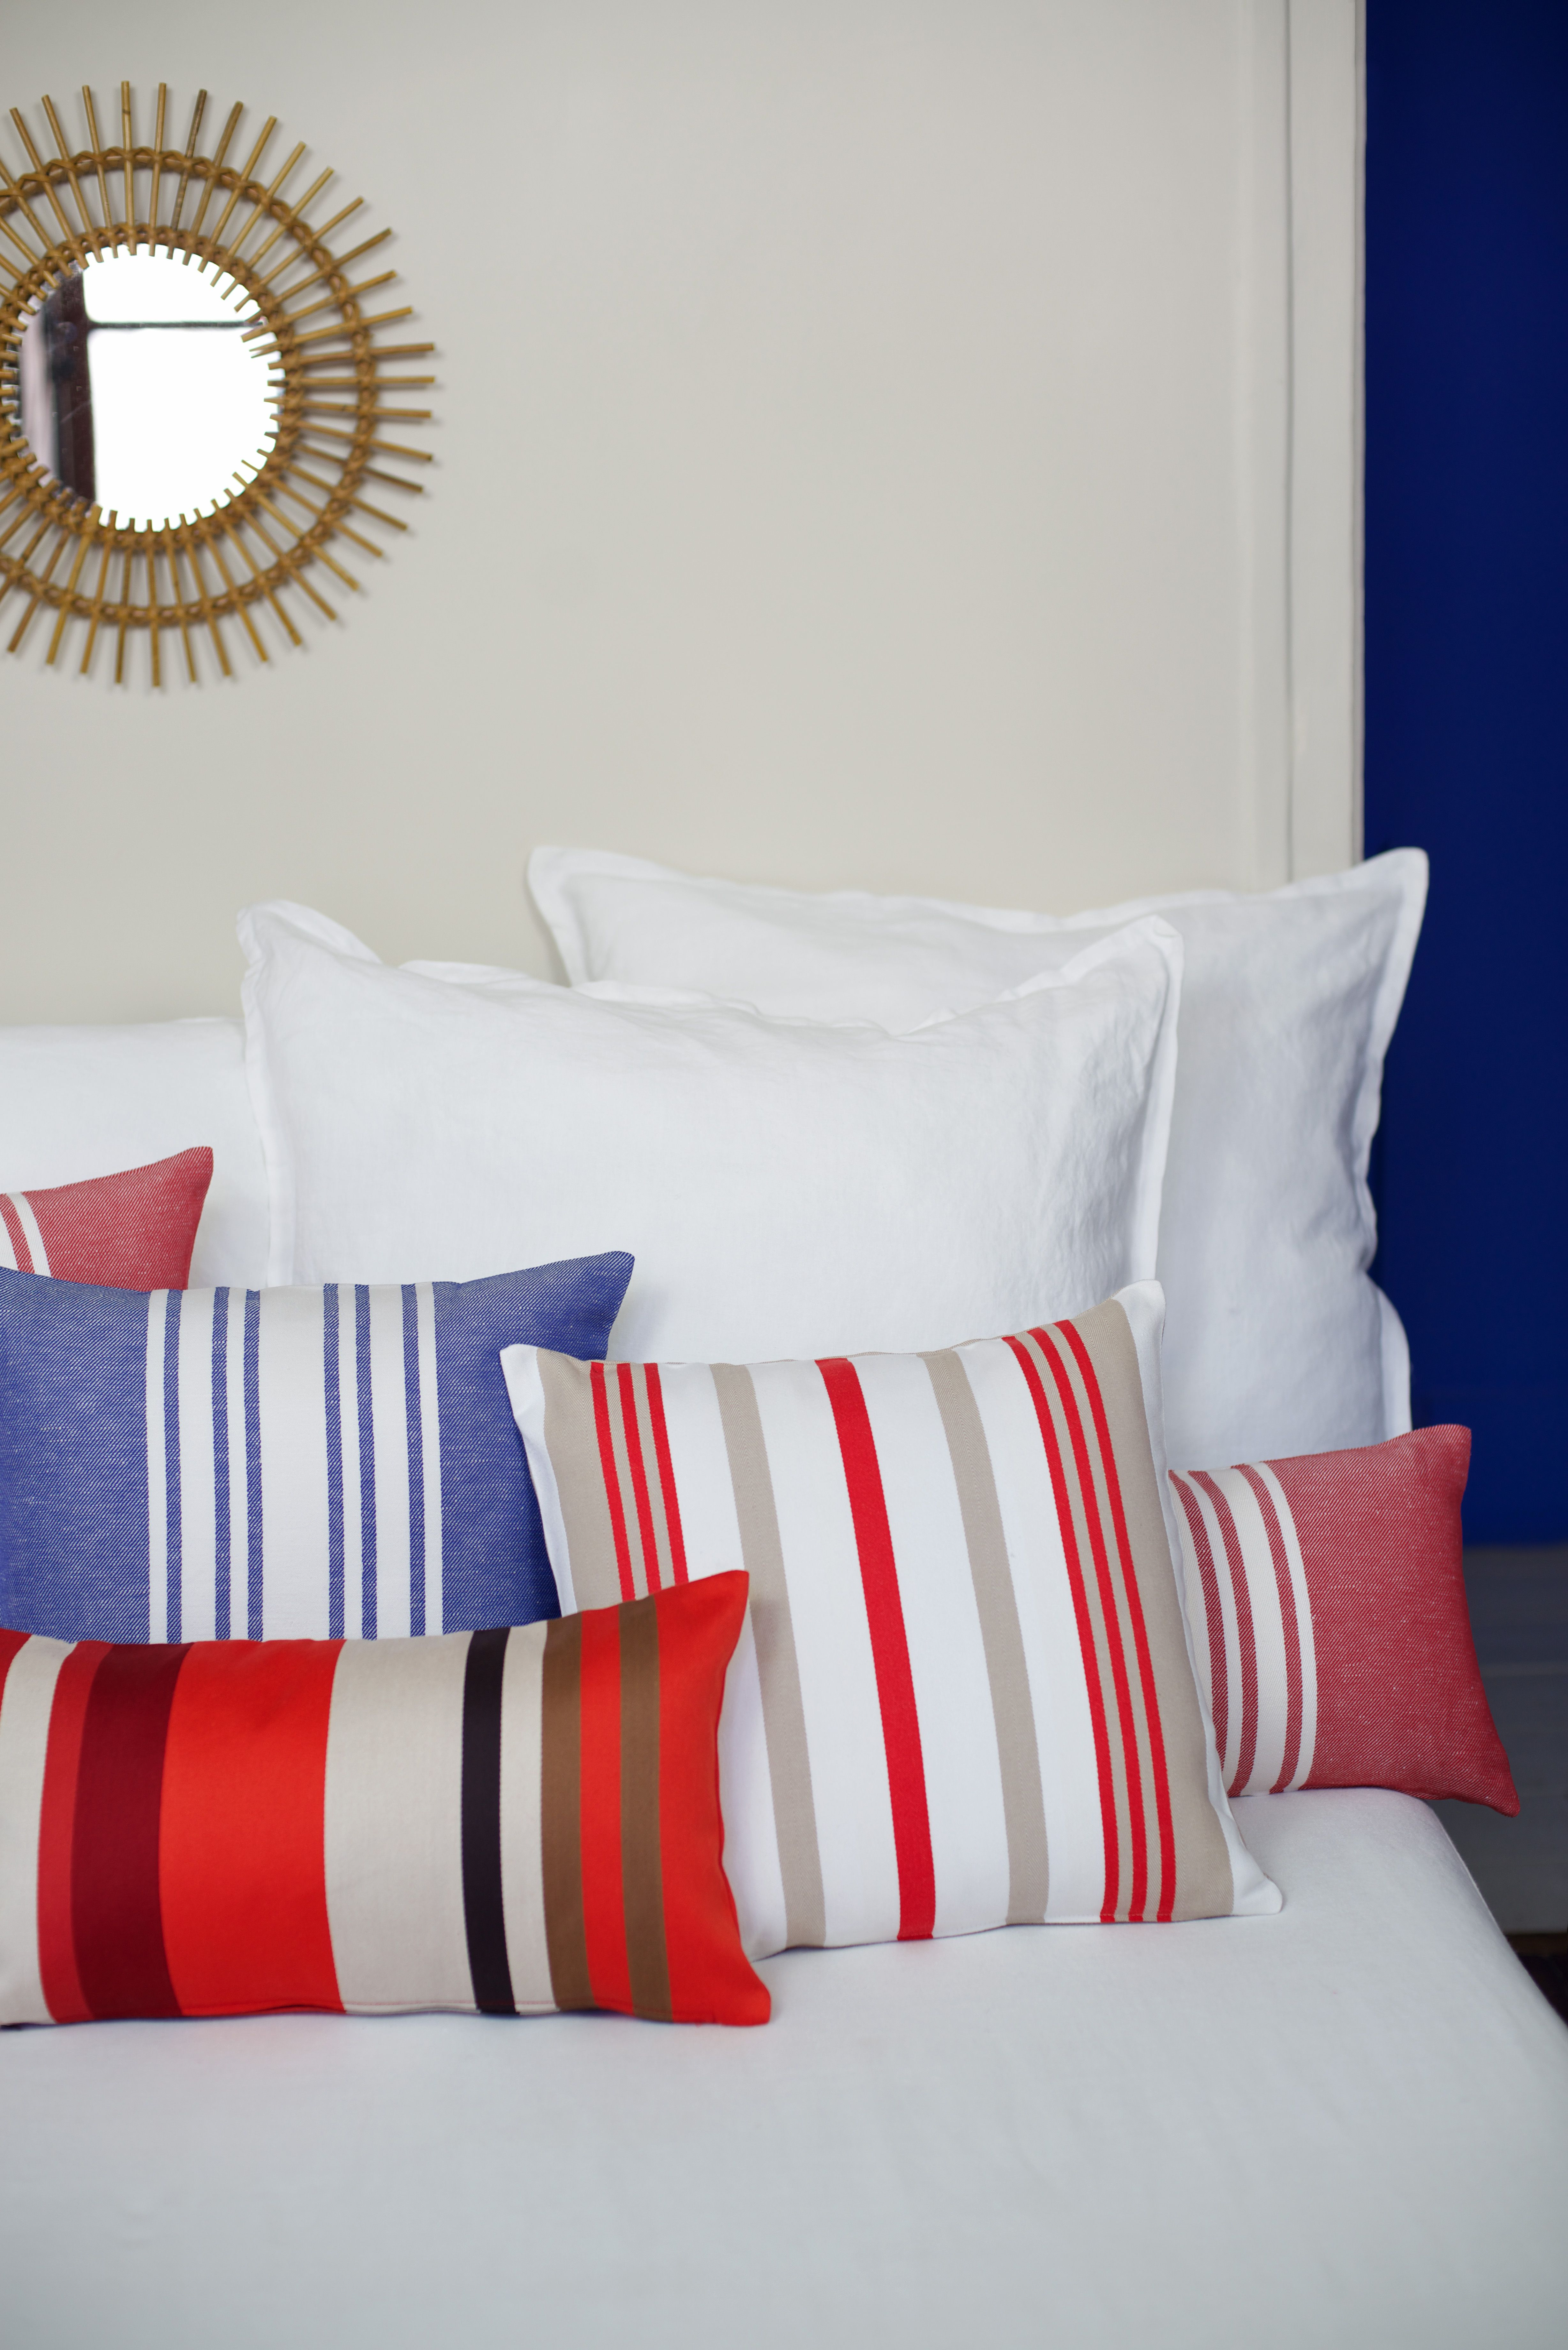 Coussins Coton Et Lin Jean Vier Cotton And Linen Cushions Jean Vier Housse De Coussin Draps De Luxe Idee De Decoration